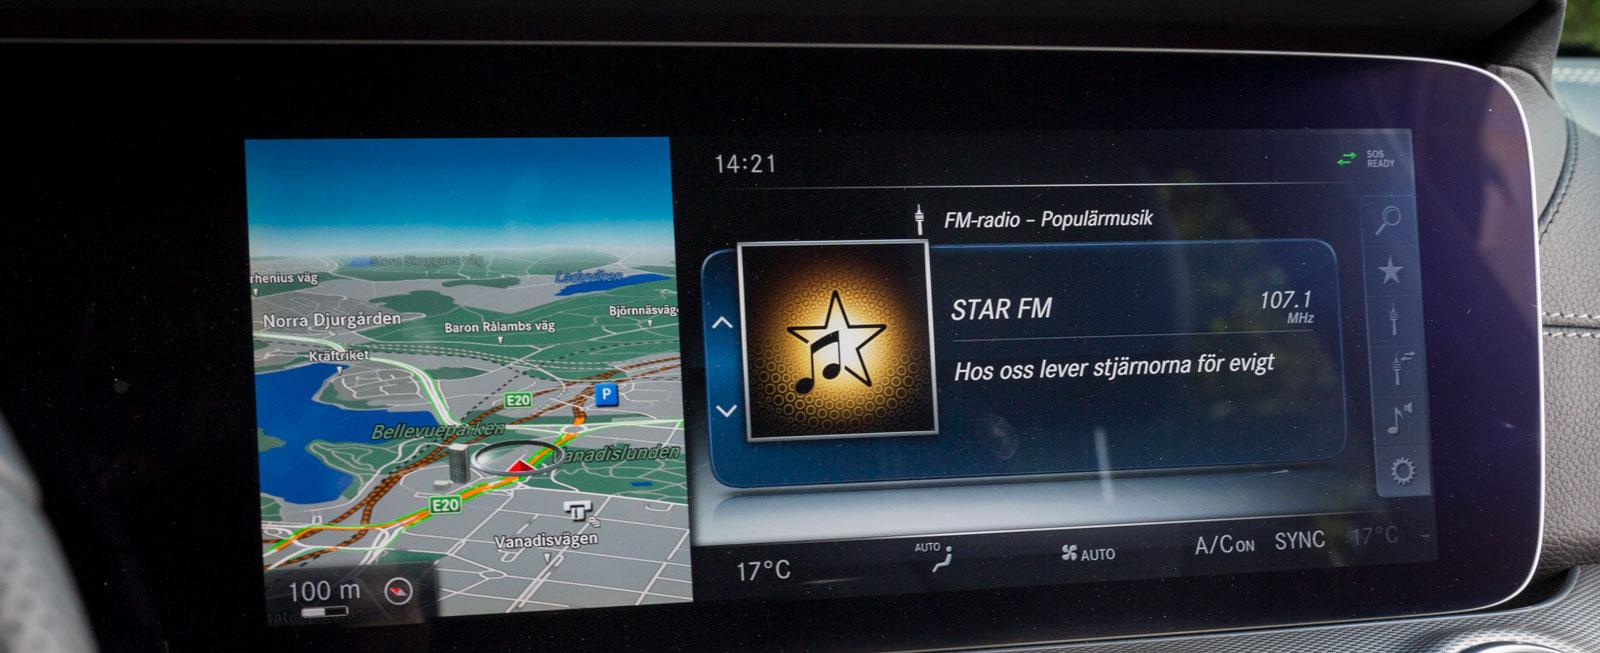 Mercedes har testets bästa mediesystem. Det är både innehållsrikt och lekande lätt att sköta, antingen via mittkonsolens reglage eller via rattens touch-knappar.